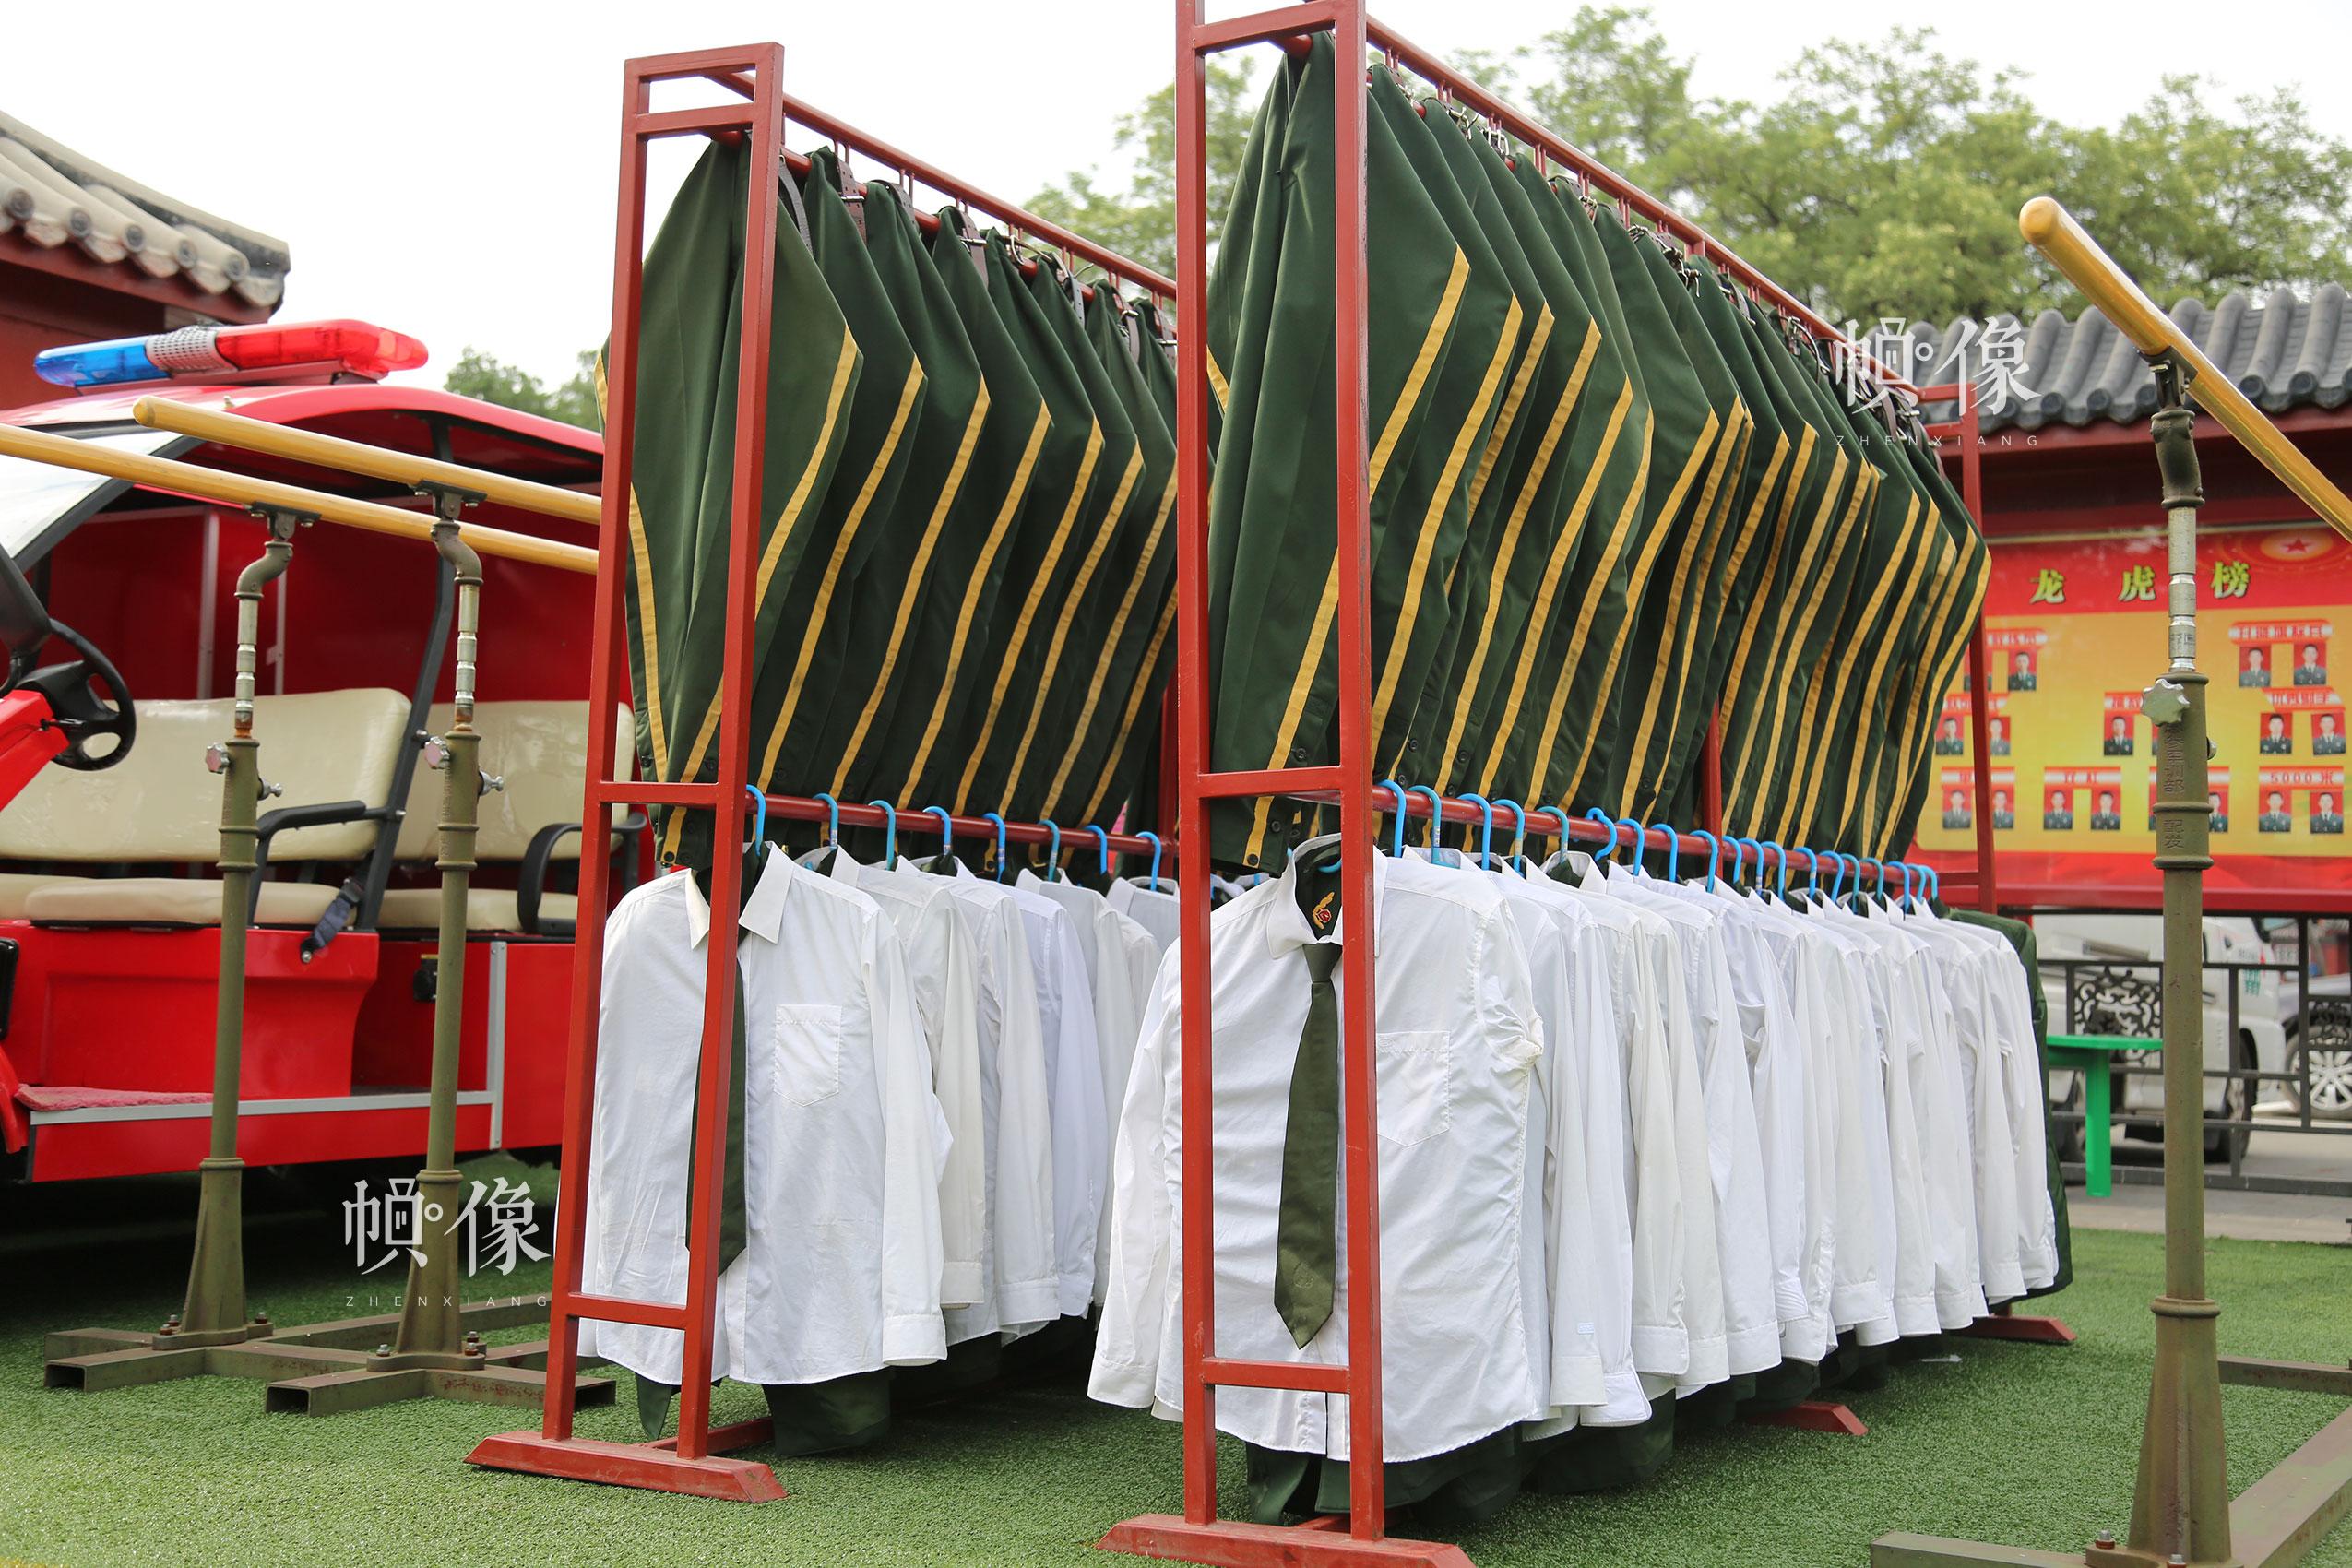 2017年7月28日,北京,国旗护卫队员汗水浸透的军装被整齐地挂在架子上晾晒。中国网记者 高南 摄